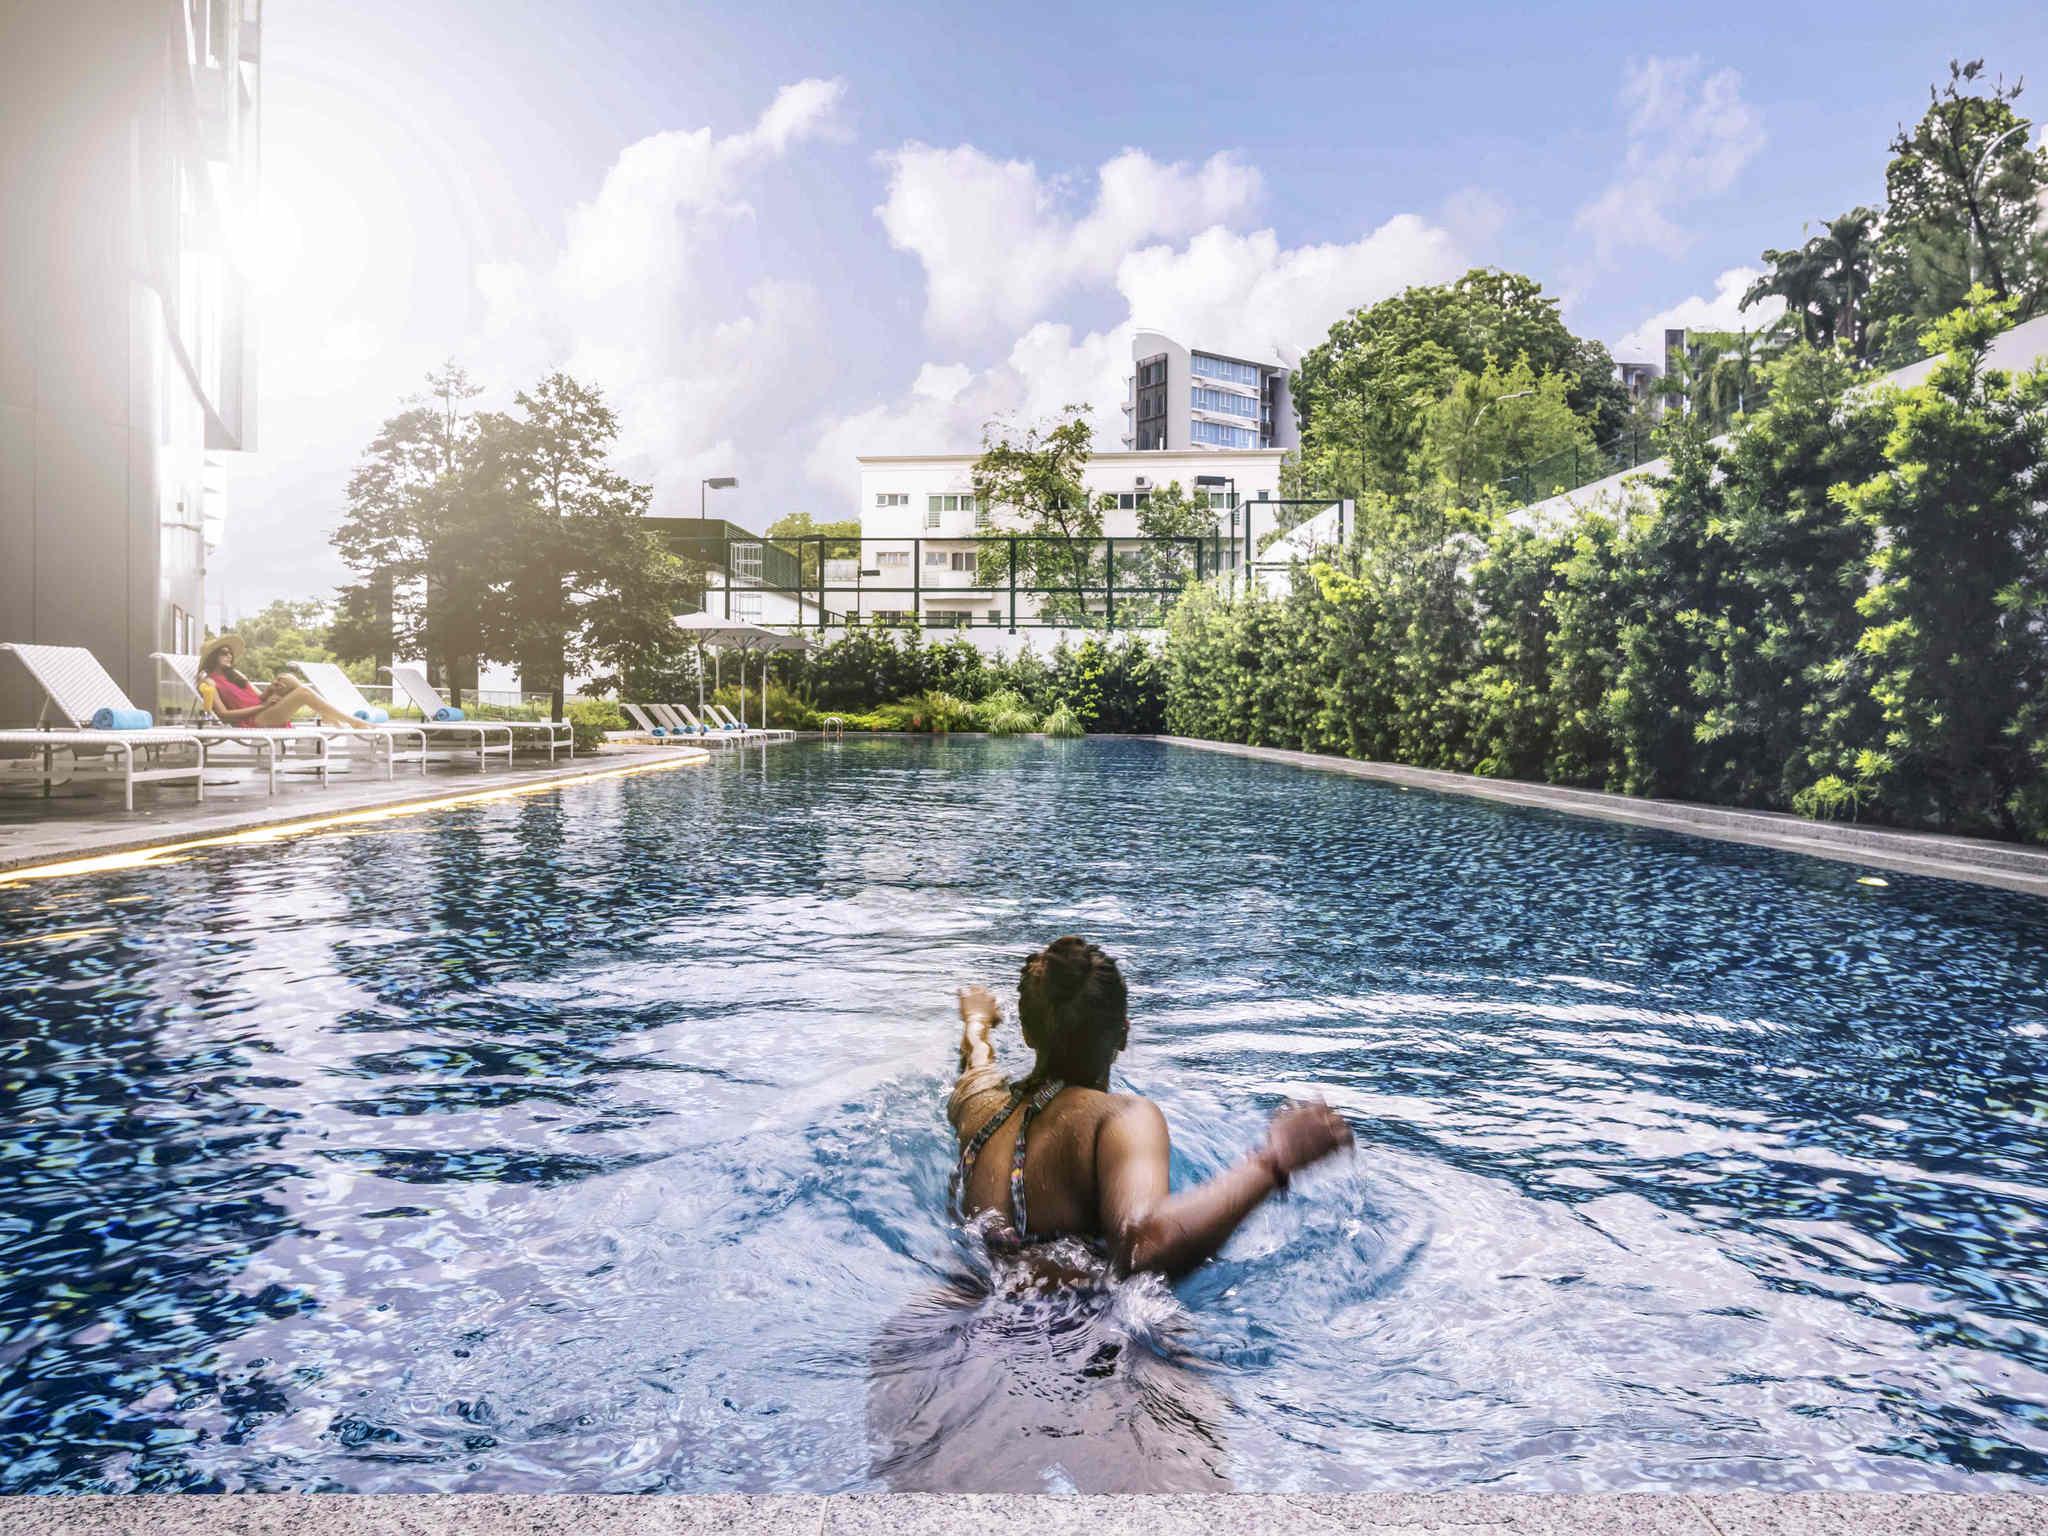 โรงแรม – เมอร์เคียว สิงคโปร์ ออน สตีเวนส์